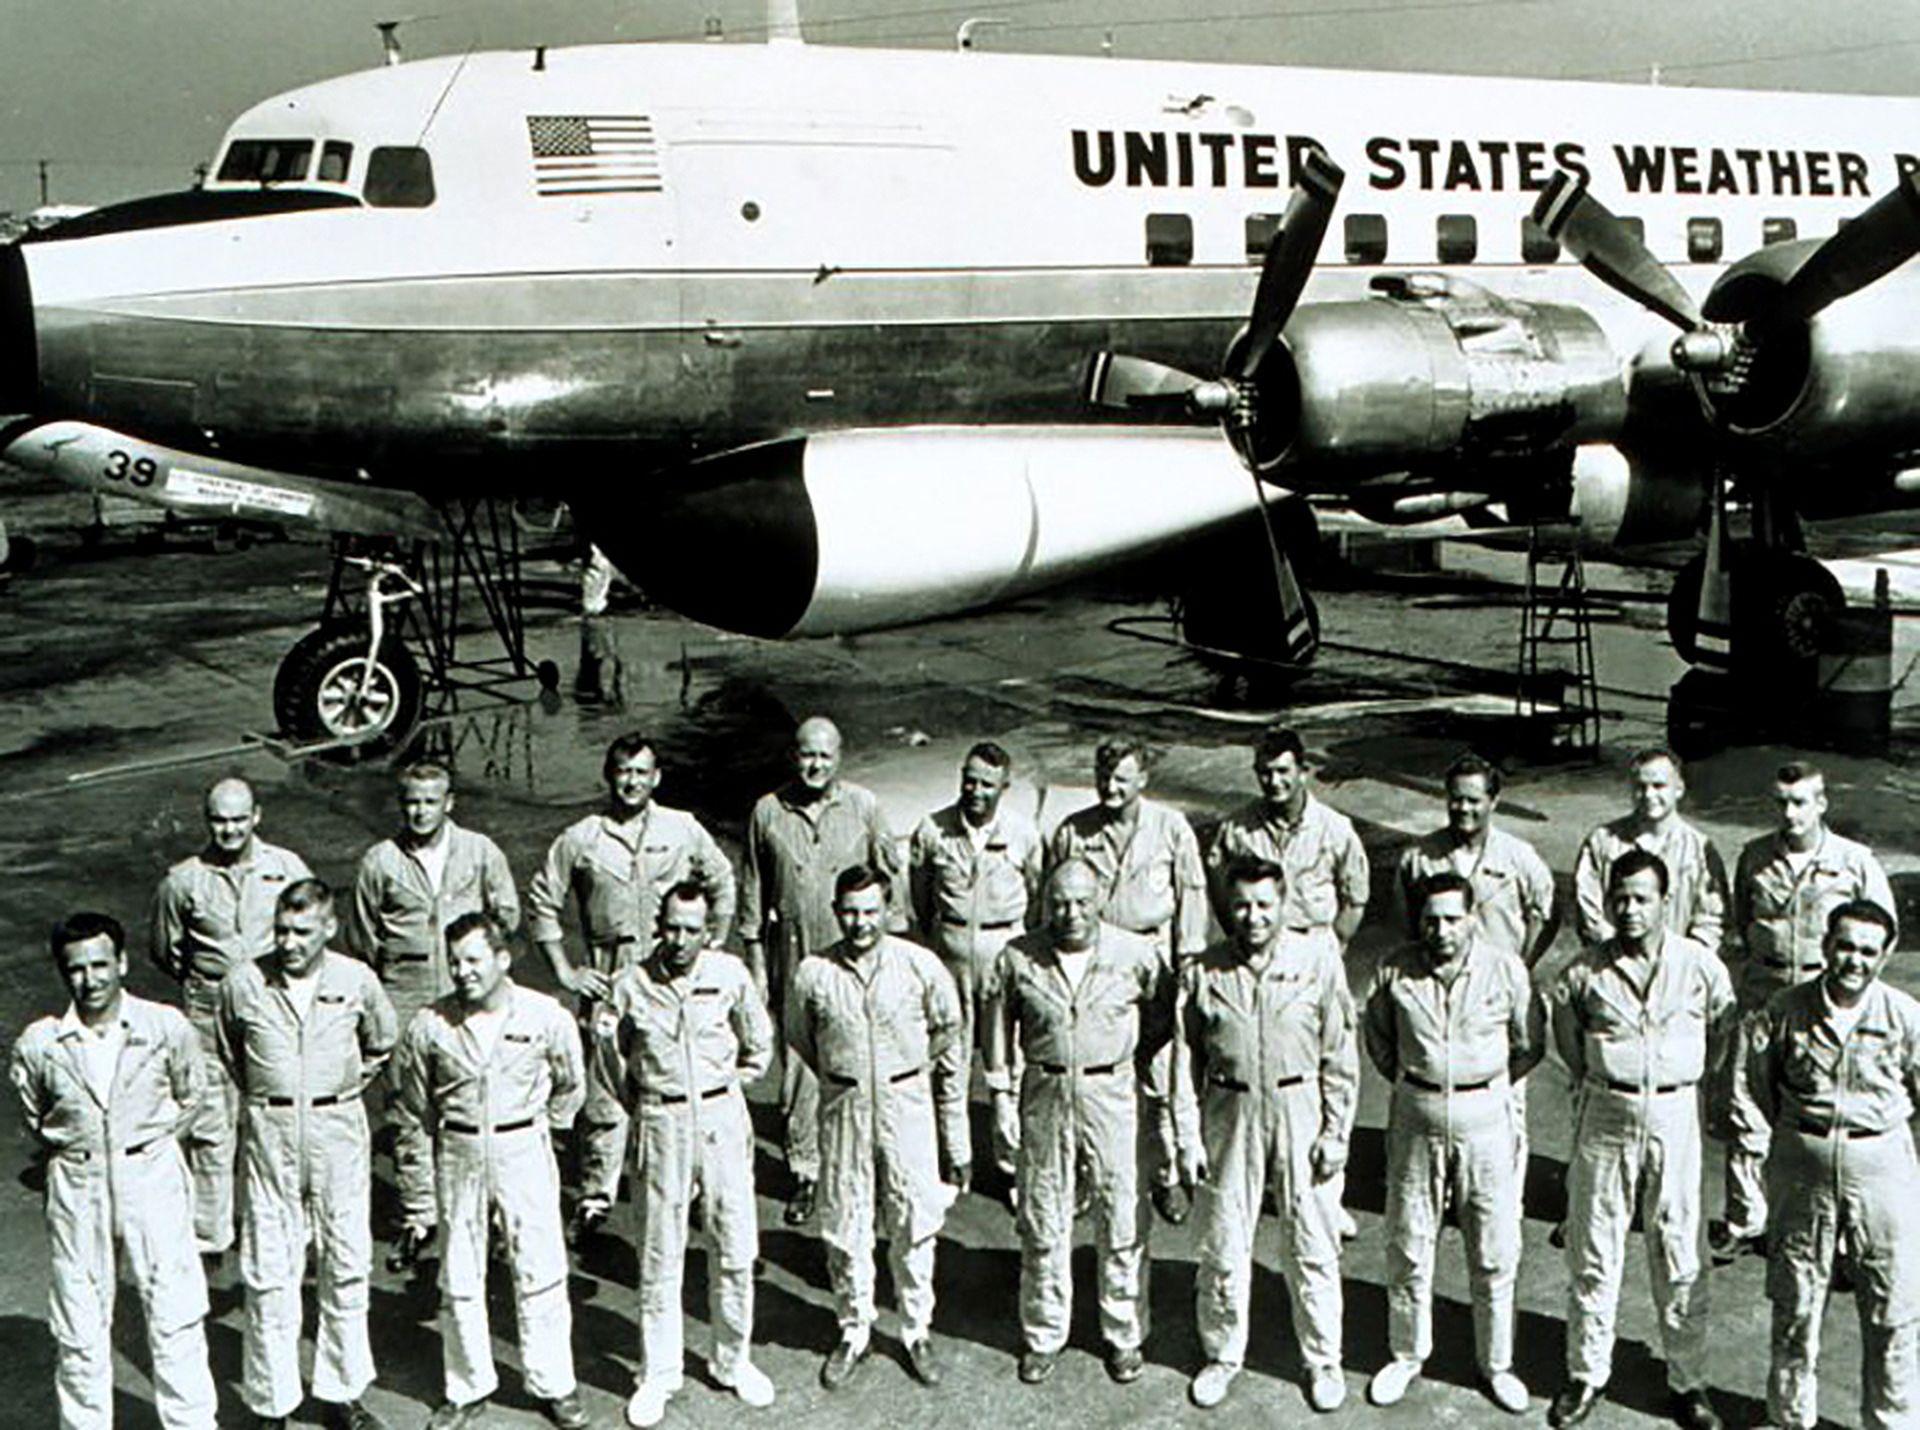 Equipo del proyecto Stormfury 1966. Fuente: NOAA